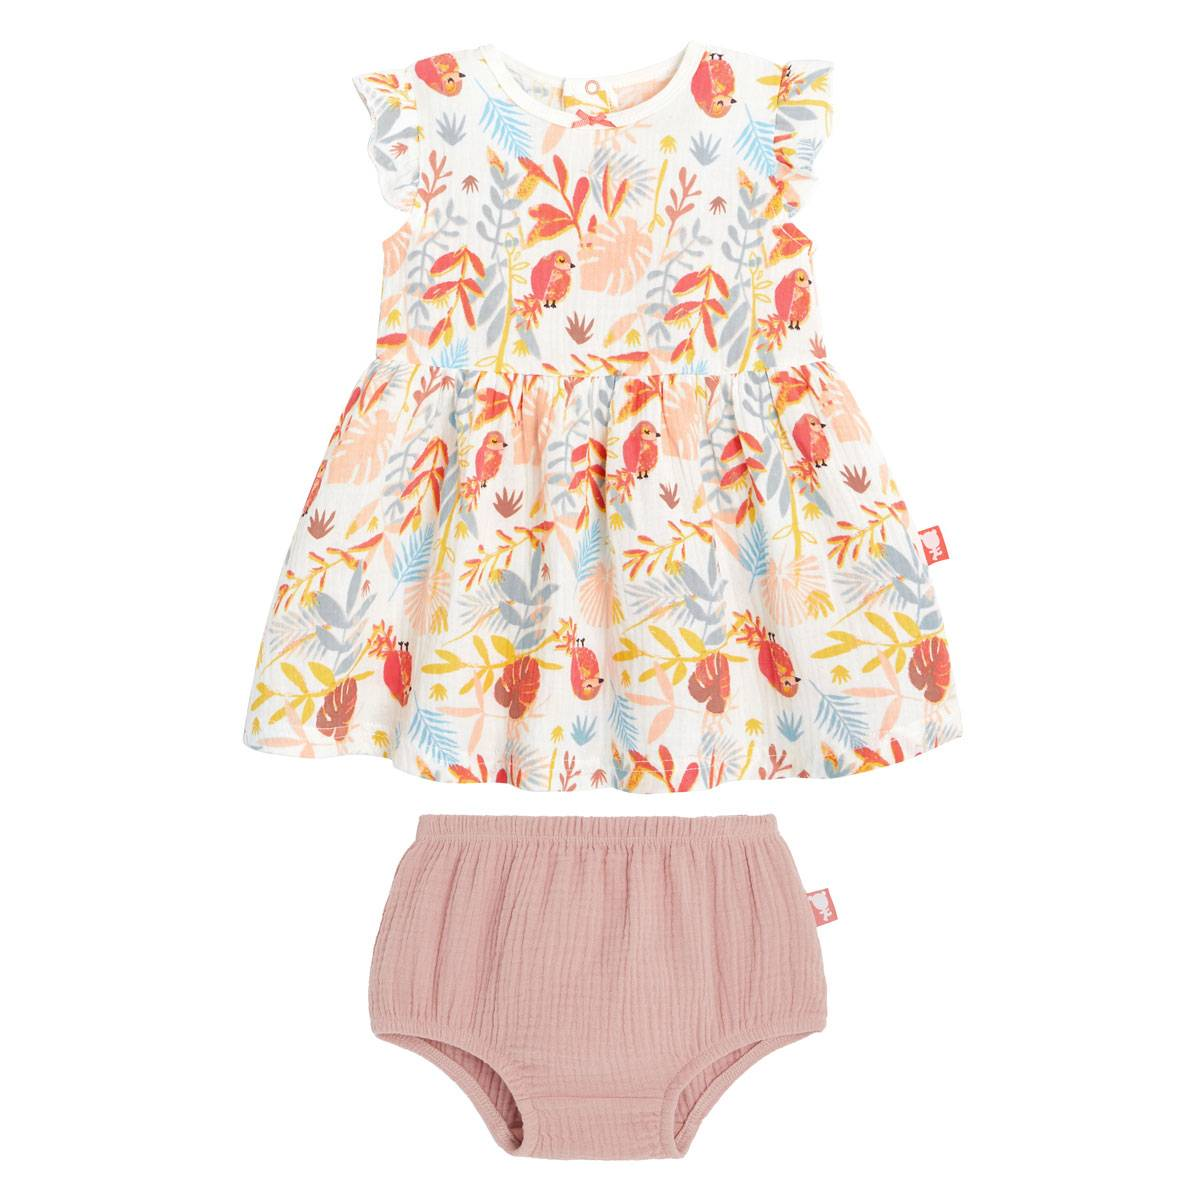 Petit Béguin Robe fille et culotte Tropic - Taille - 12 mois